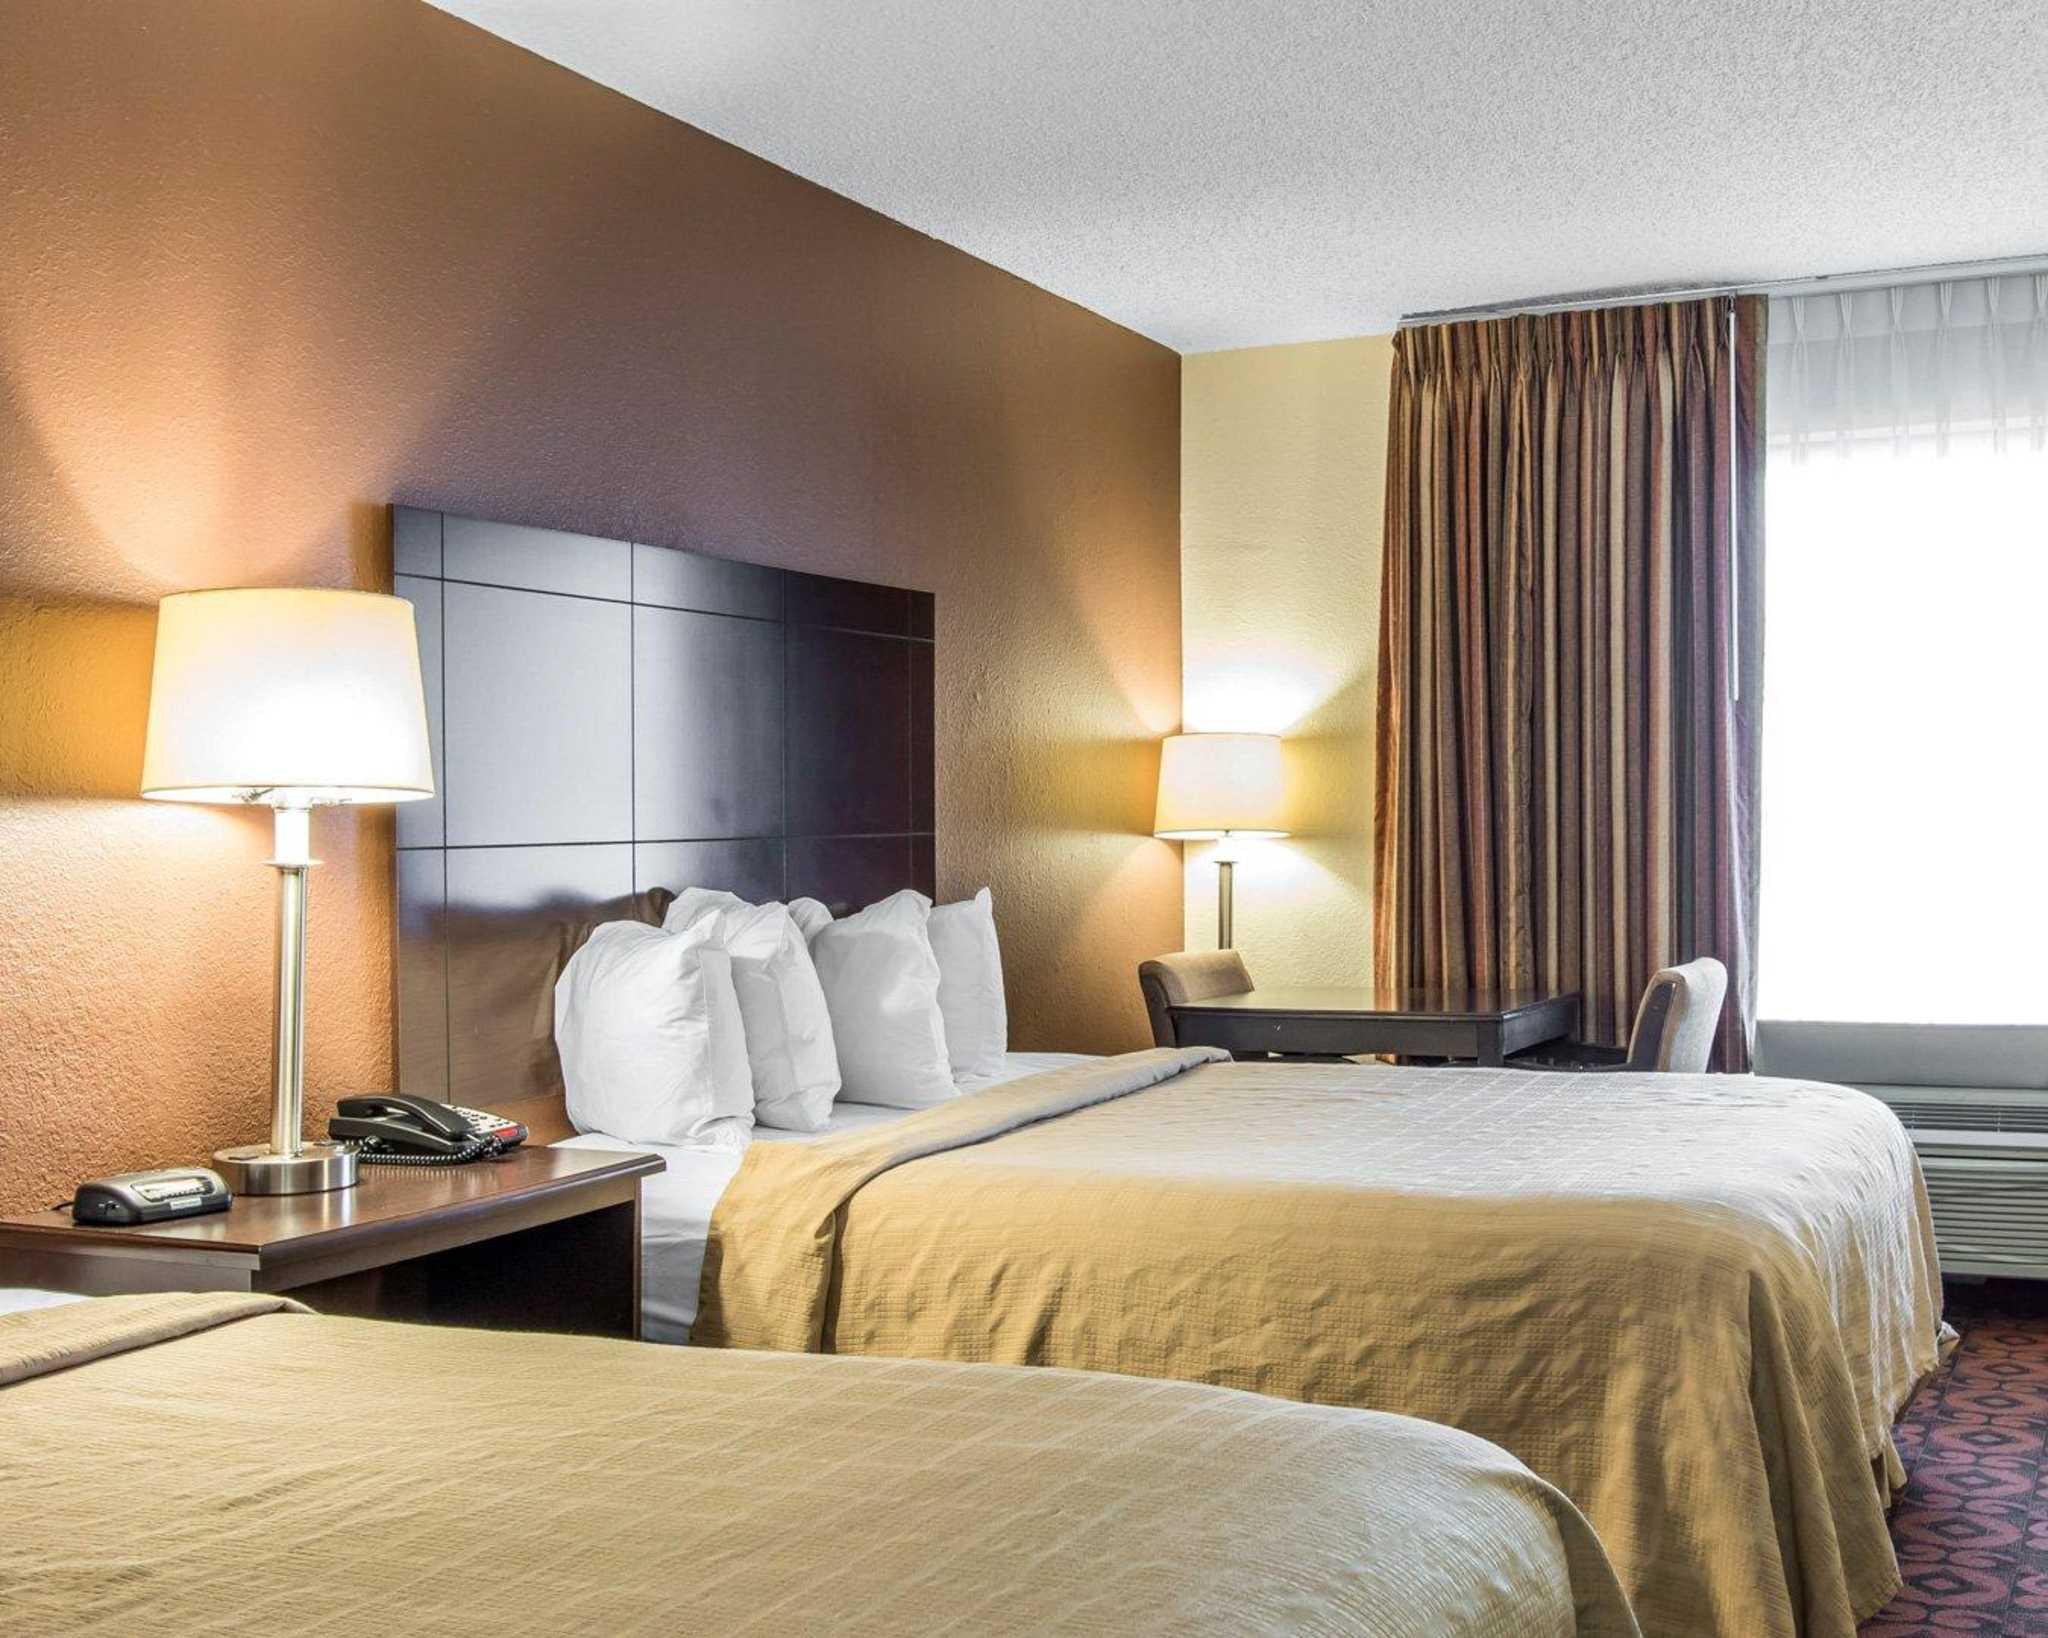 Quality Inn & Suites Fairgrounds West image 6